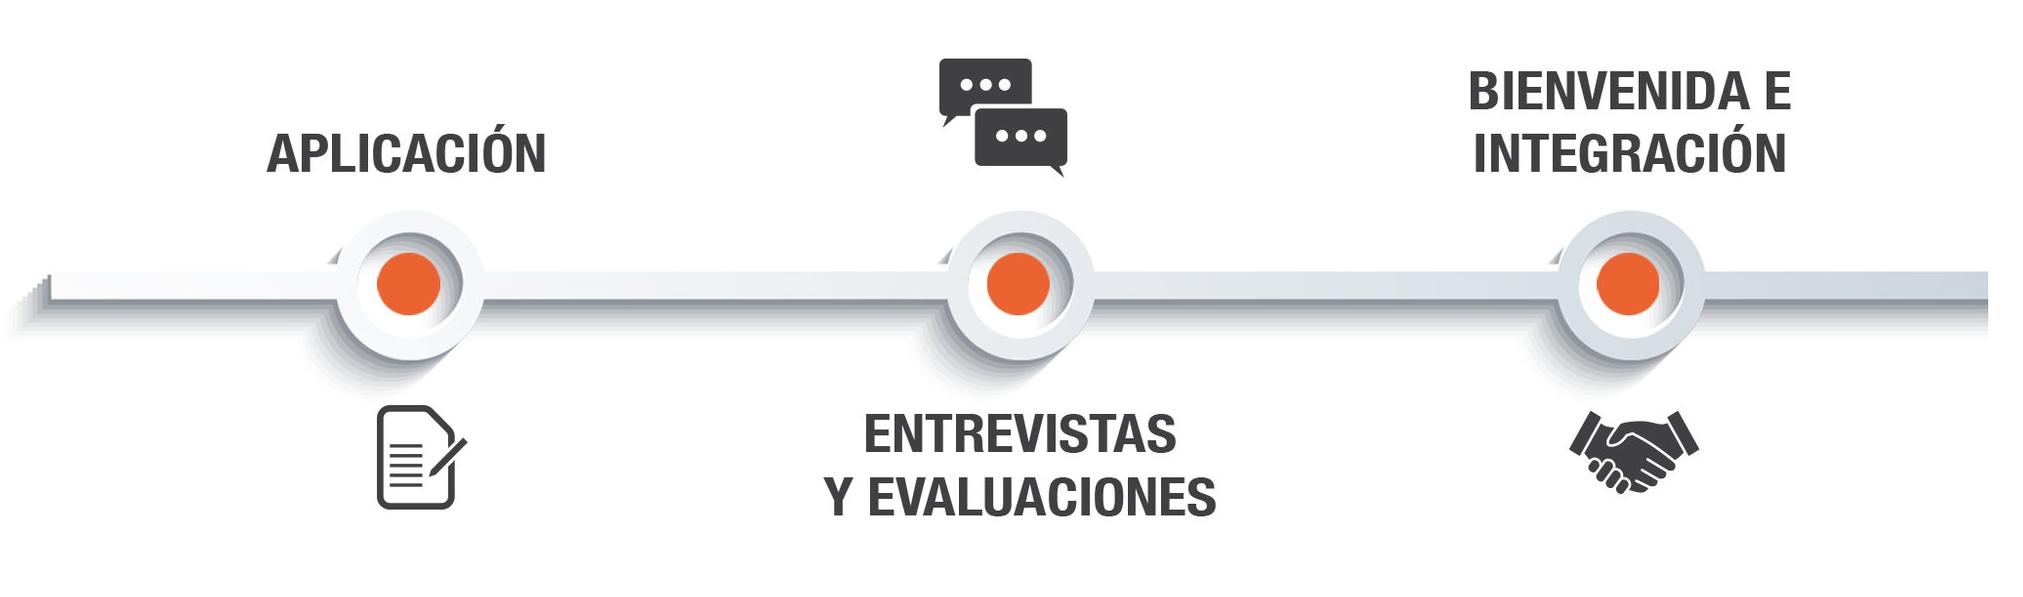 Aplicación2.jpg